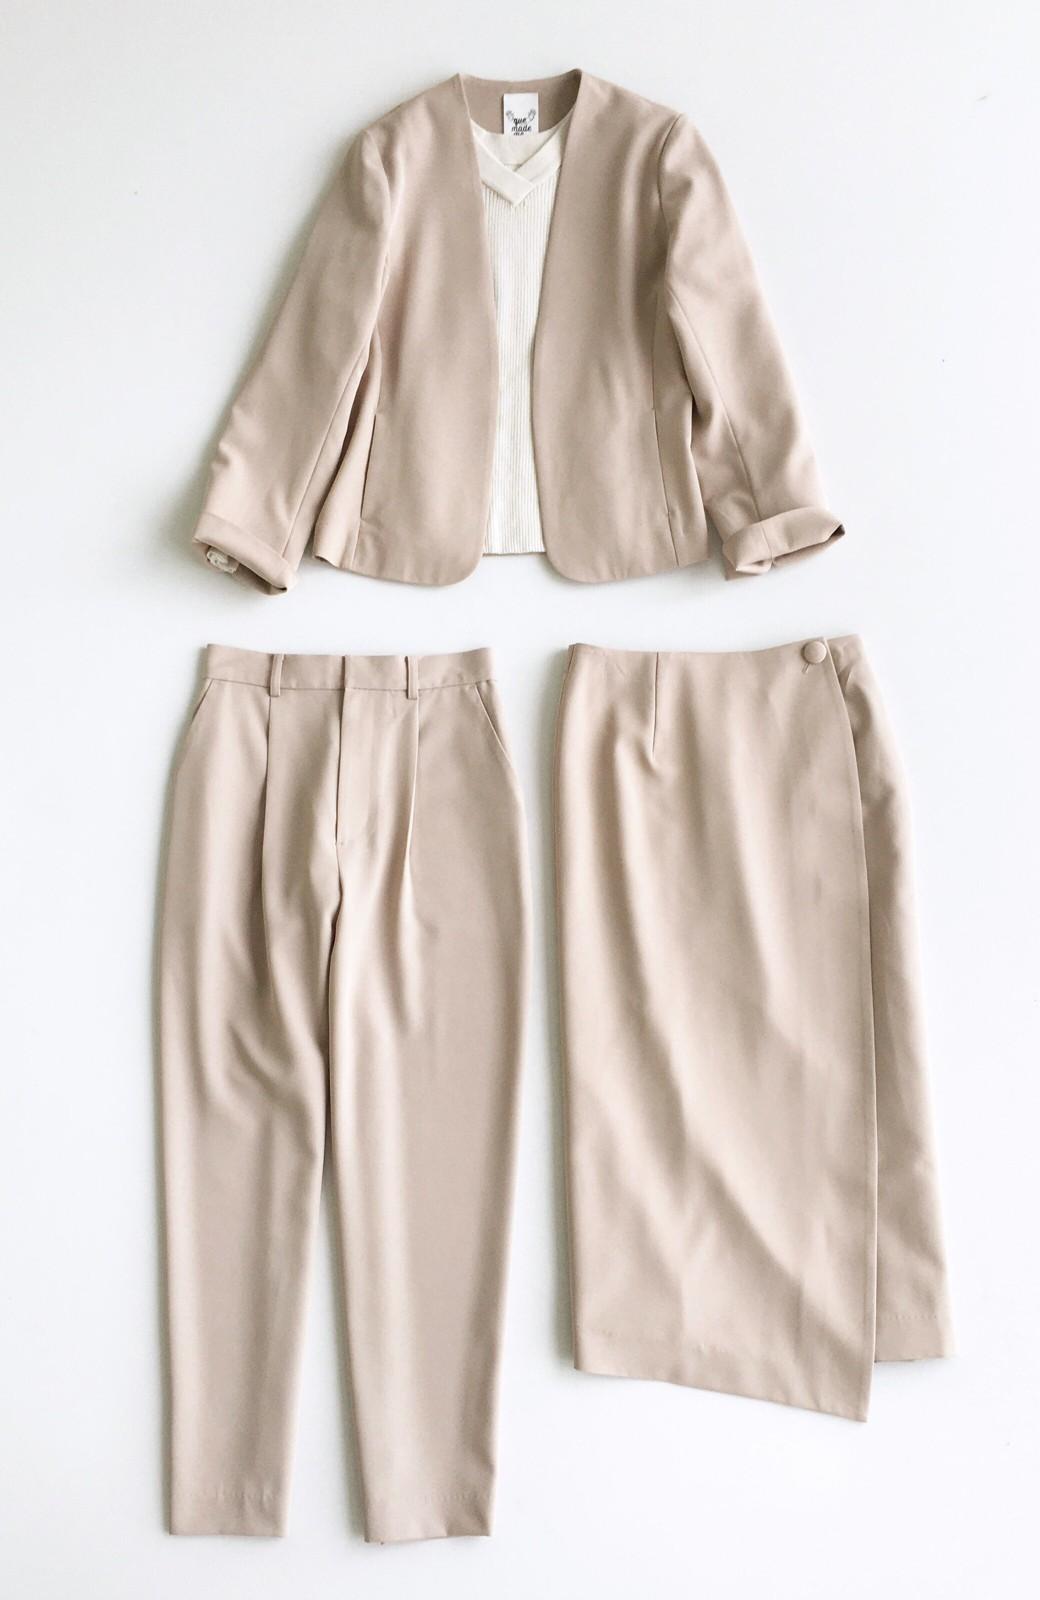 haco! いざというとき困らないための 大人のフォーマルジャケット・パンツ・スカート3点セット by que made me <ベージュ>の商品写真1